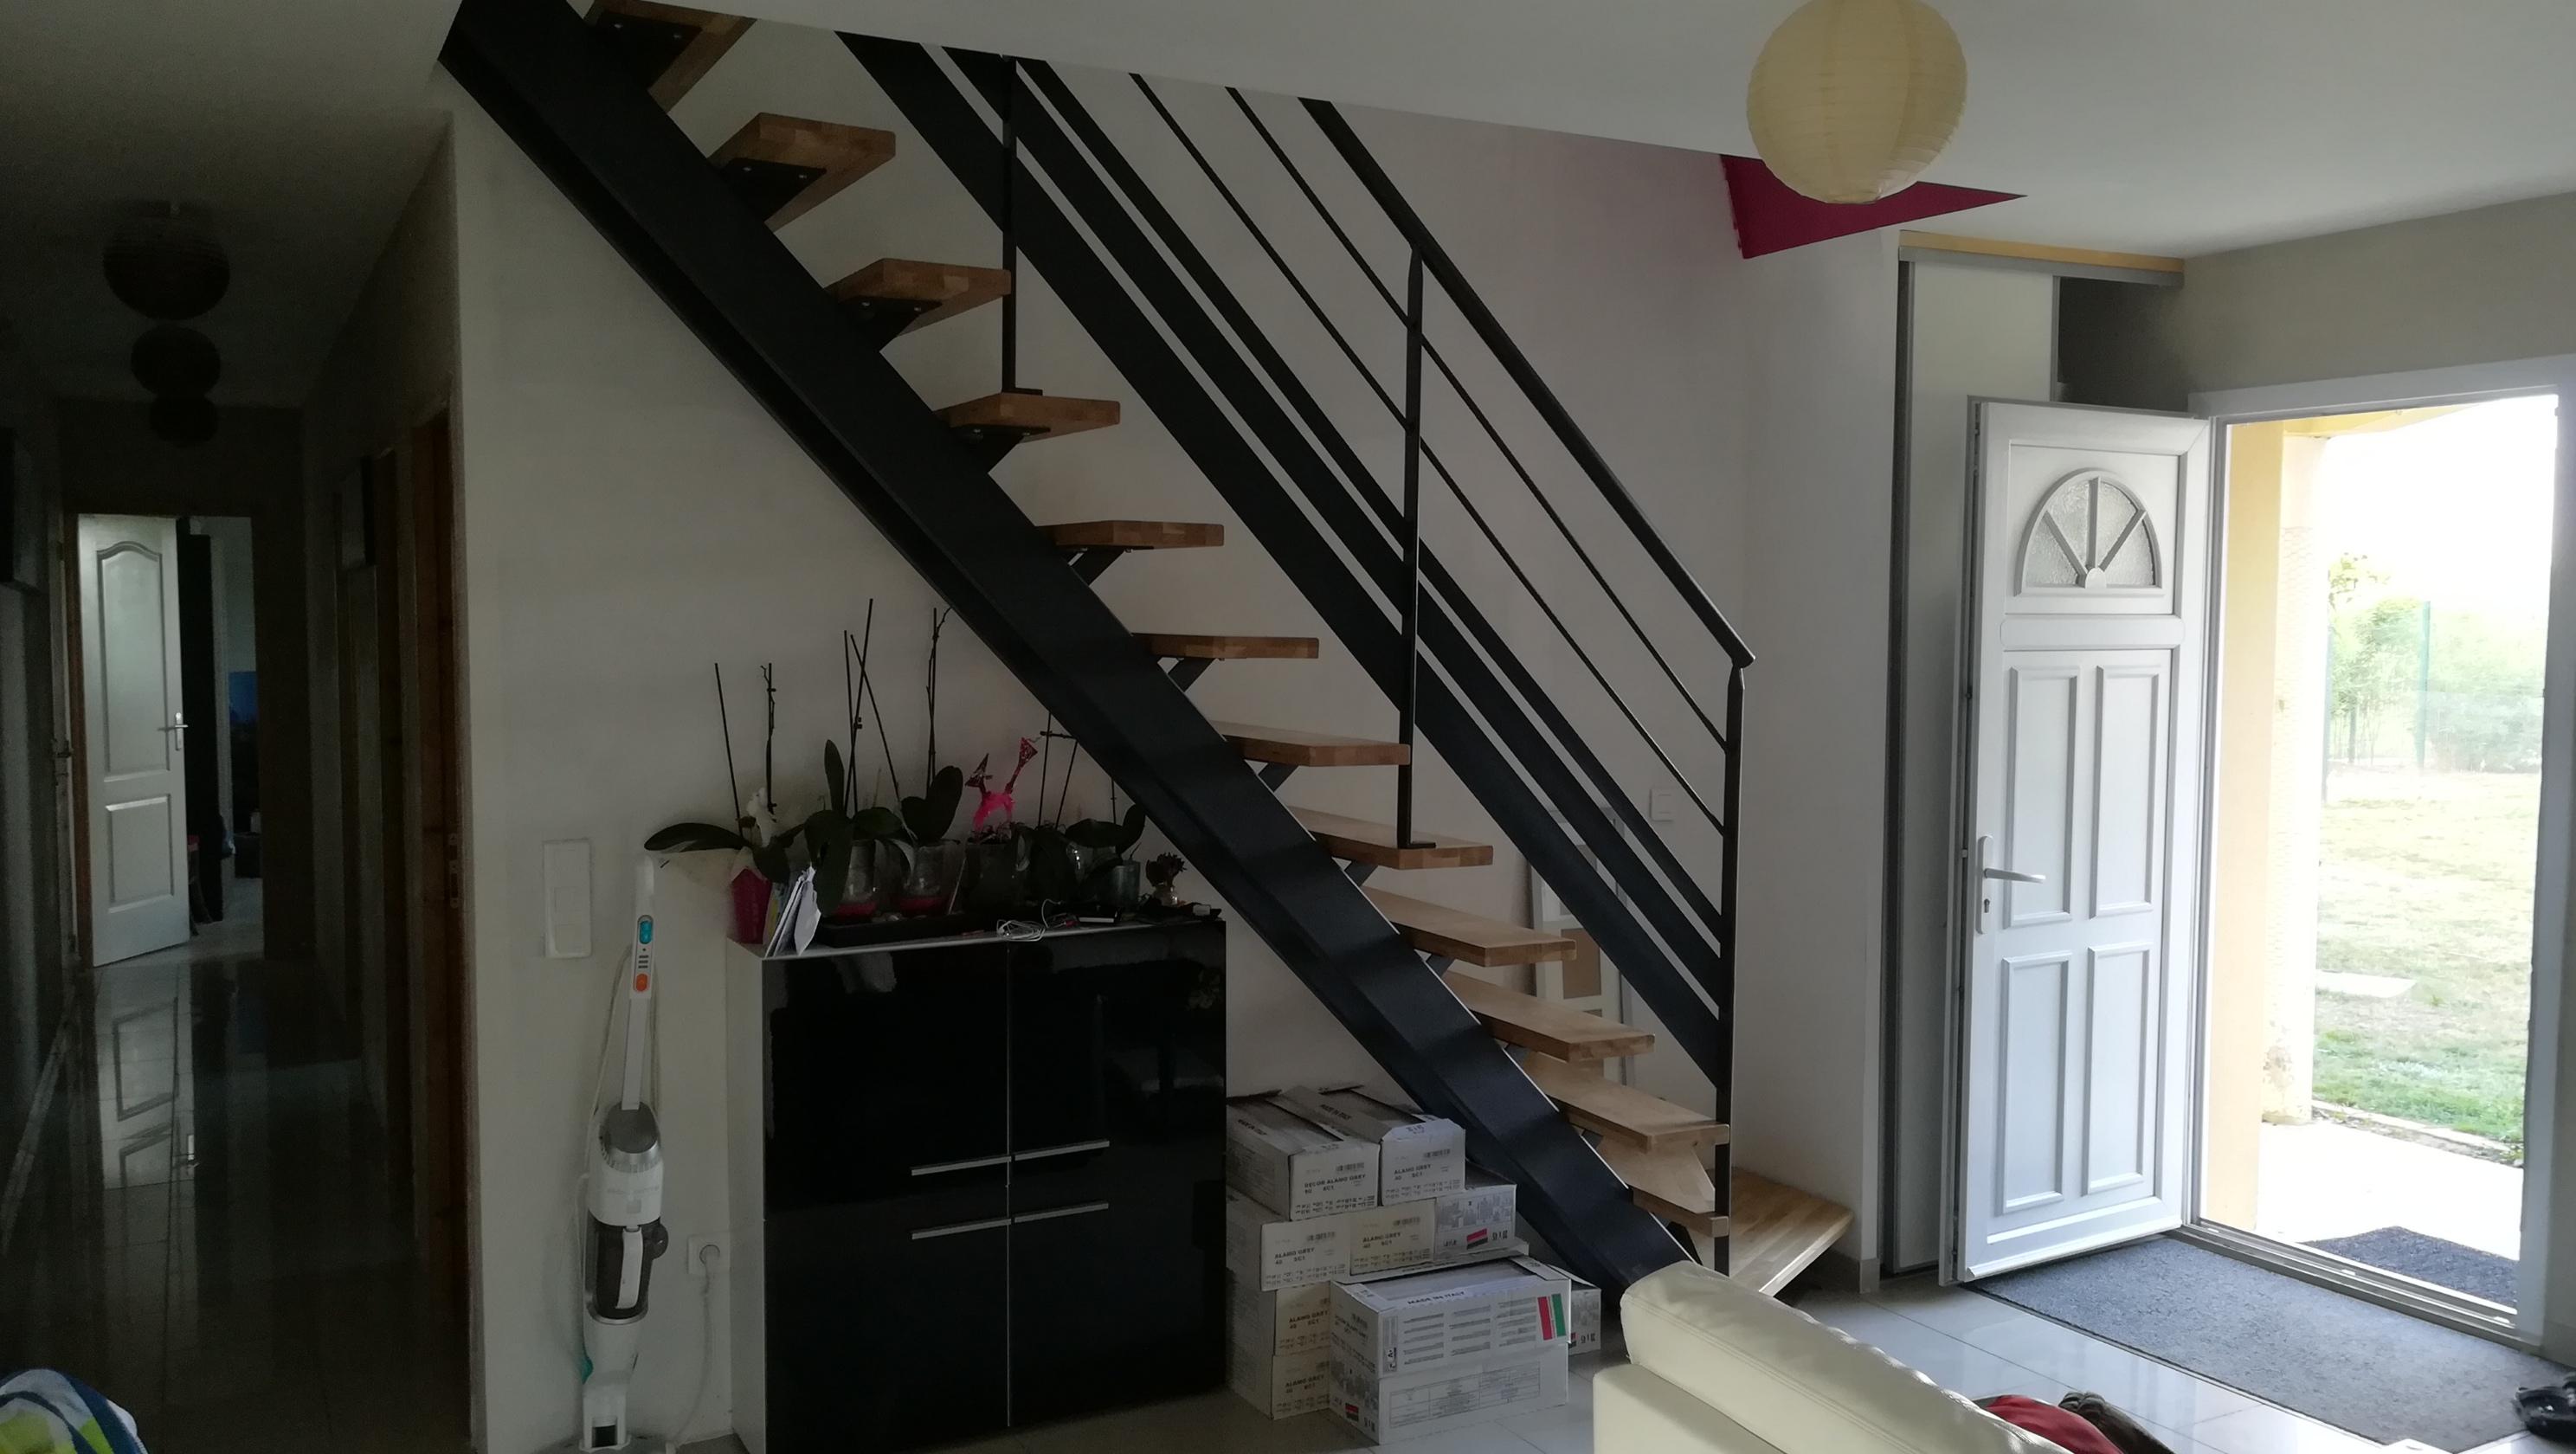 Construire un escalier acier, comment fer ?